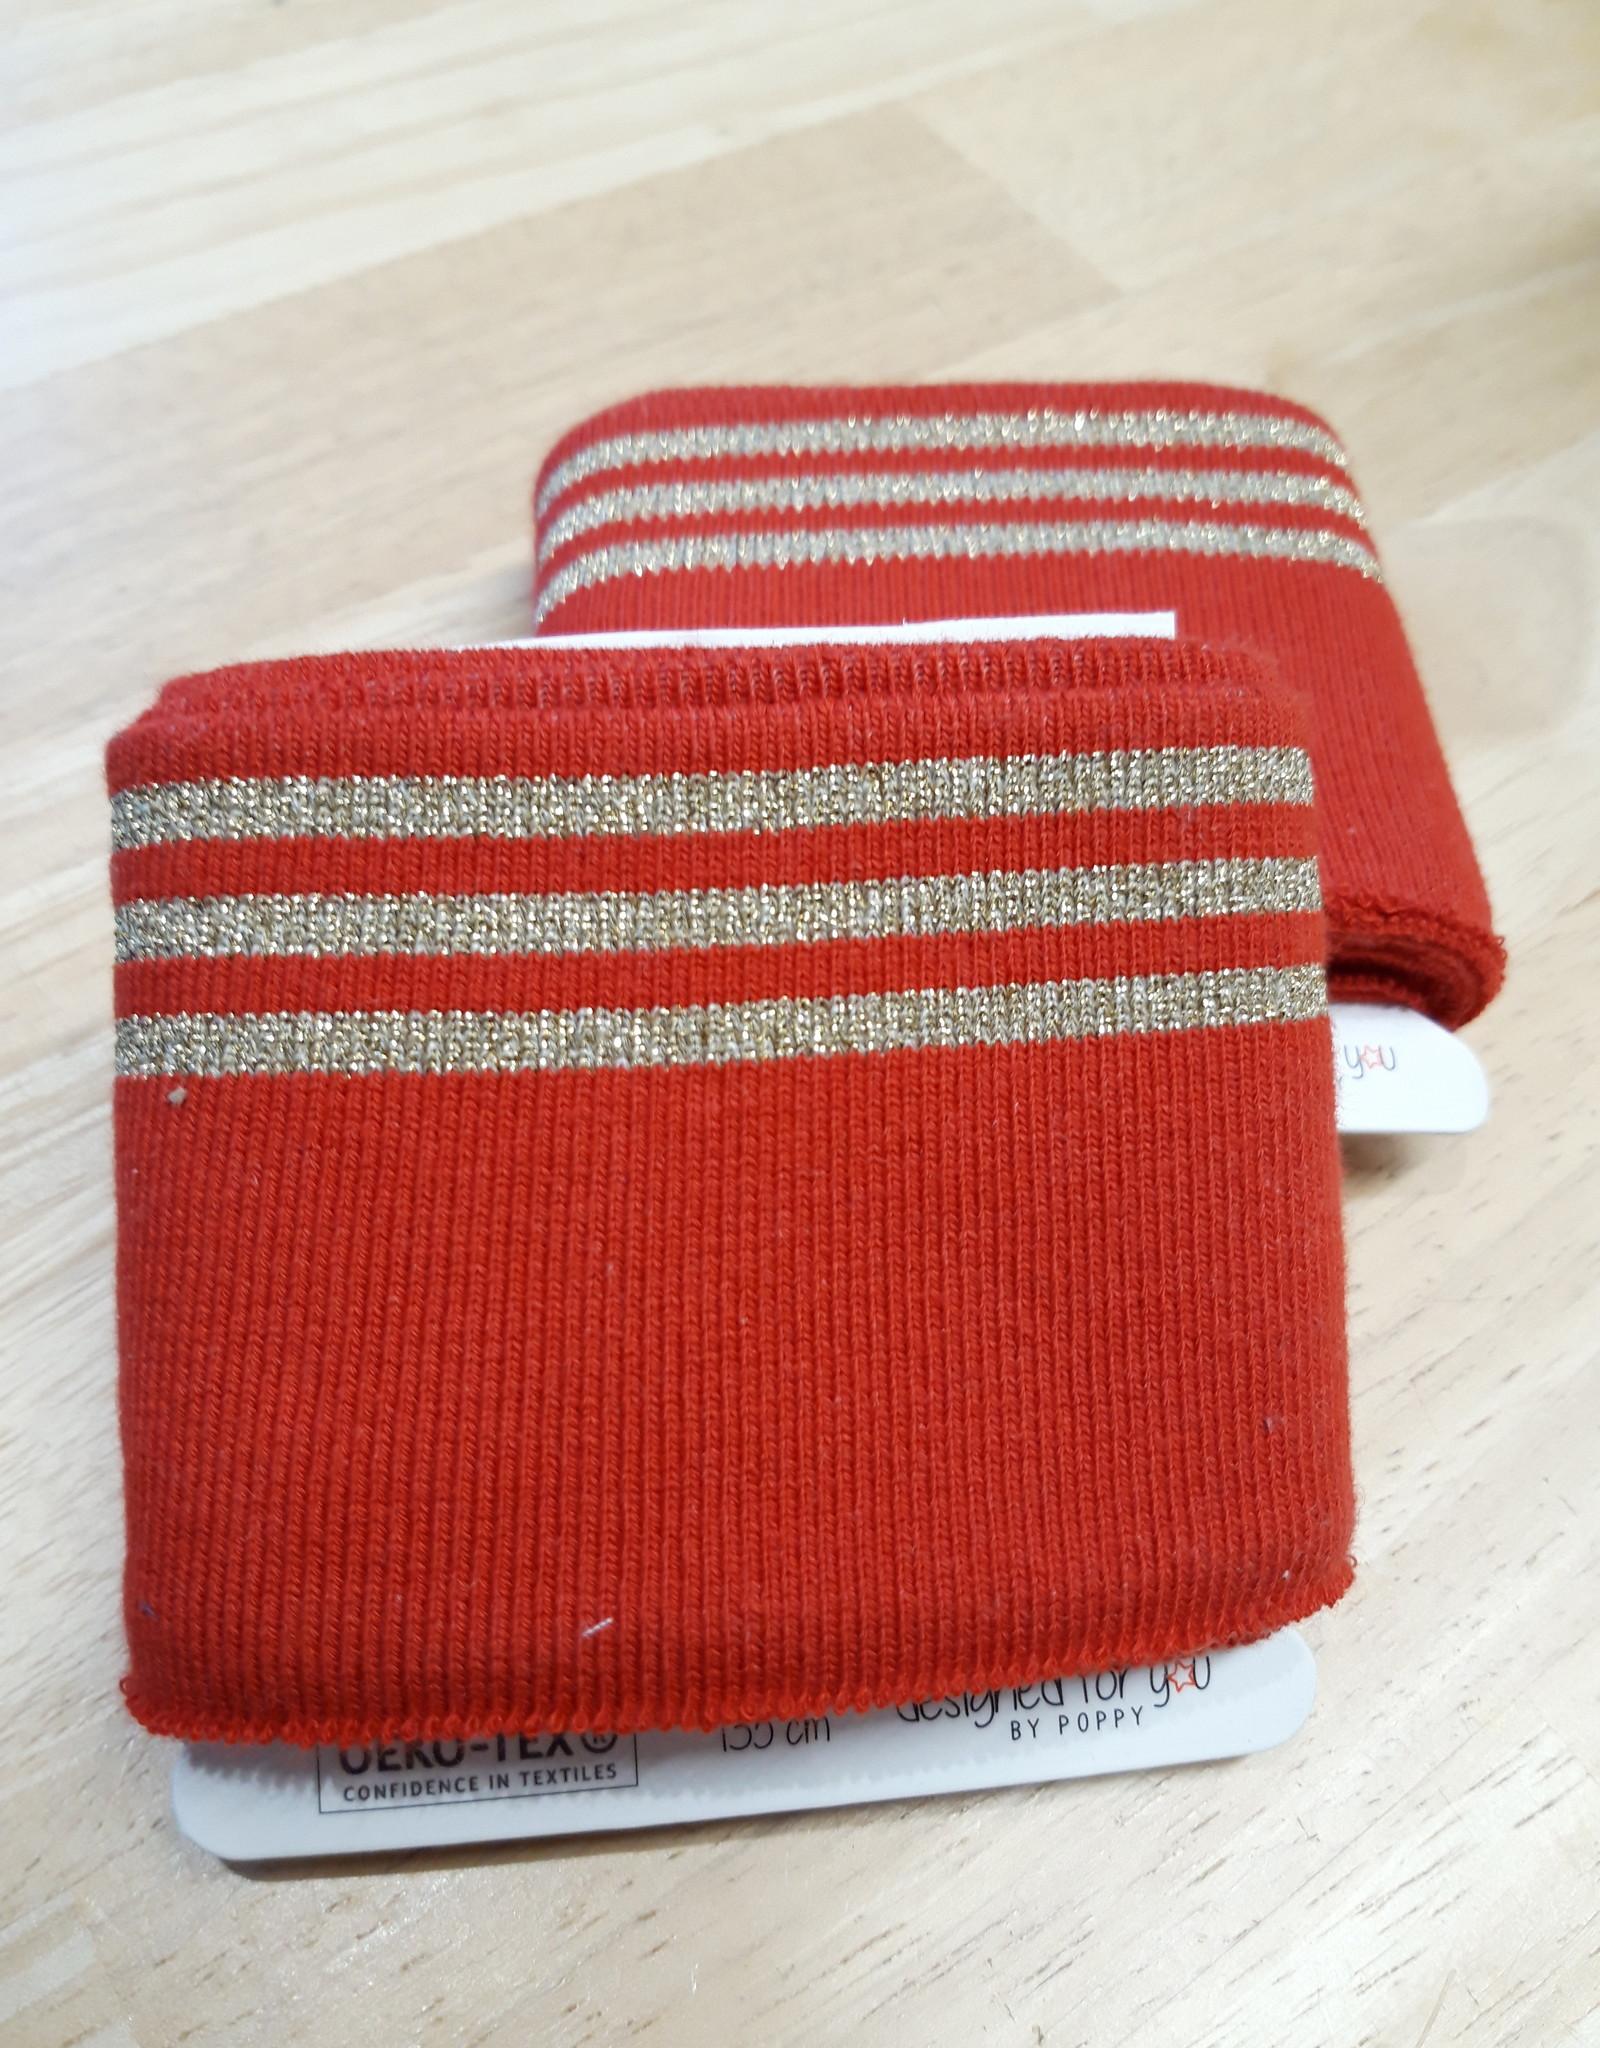 Poppy designed for you Cuff rood met 3 gouden strepen - Poppy